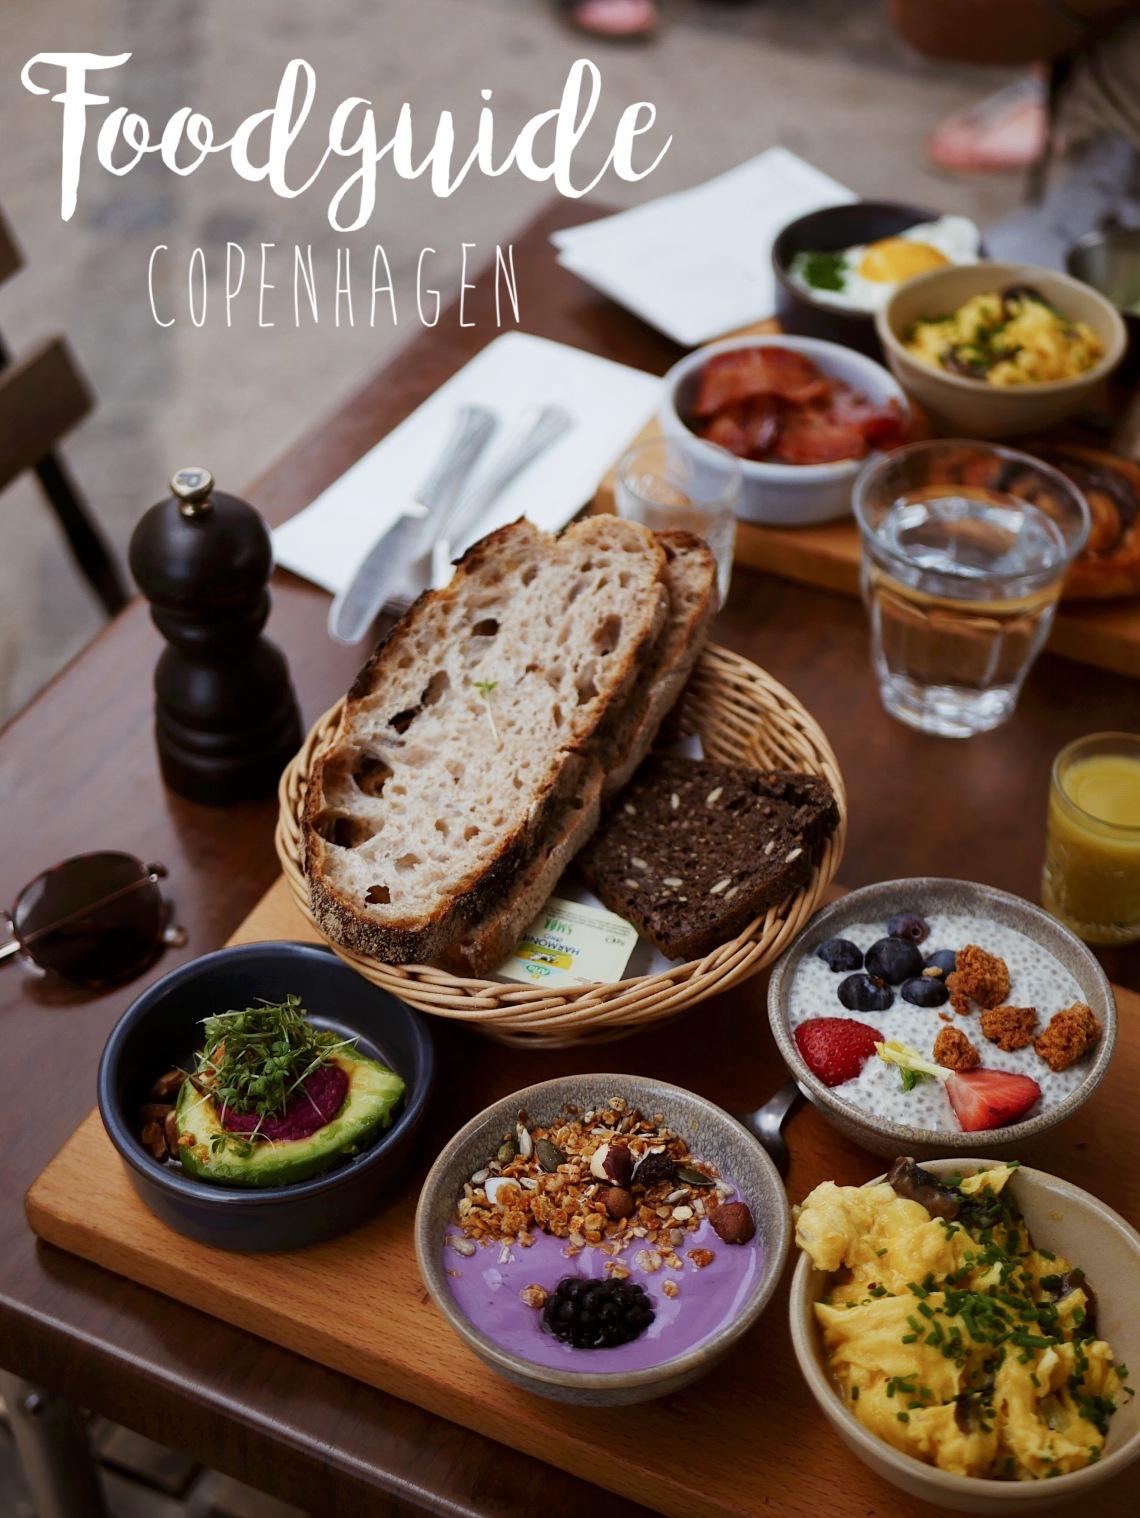 Foodguide Copenhagen